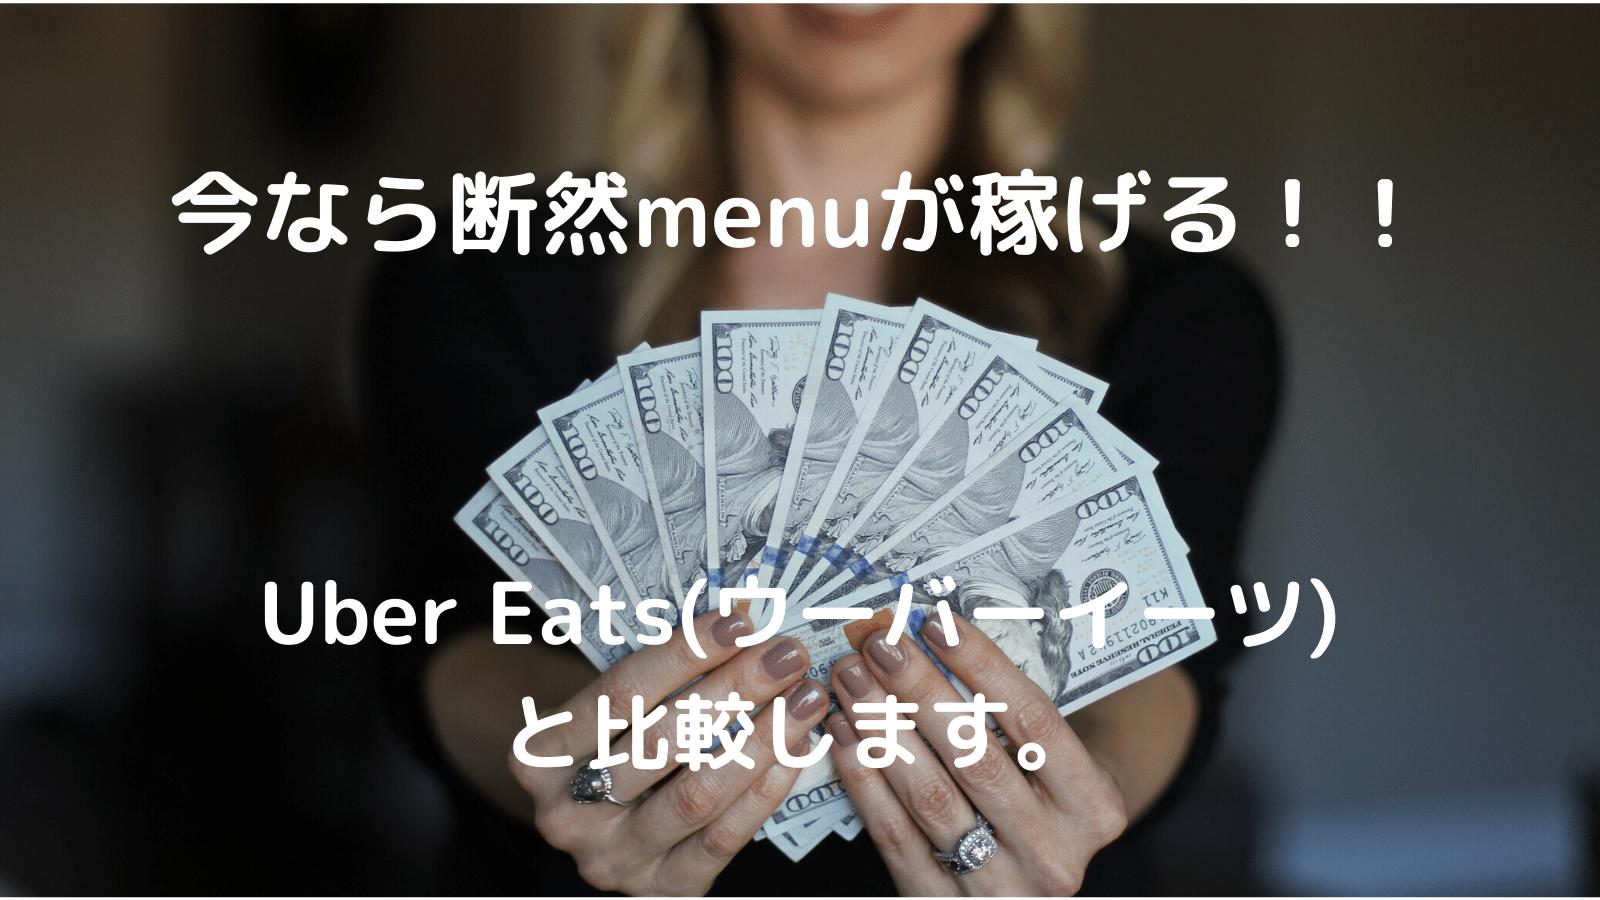 【10,000円招待コードあり】今なら断然menuが稼げる!Uber Eats(ウーバーイーツ)と比較します。